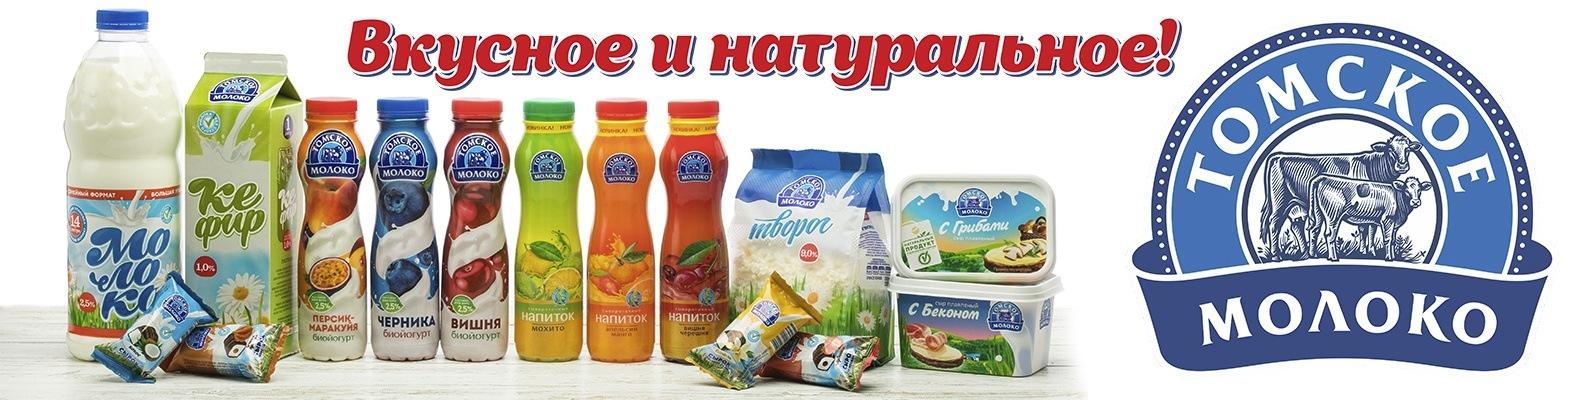 Компания томское молоко официальный сайт хорошие компании по созданию сайтов